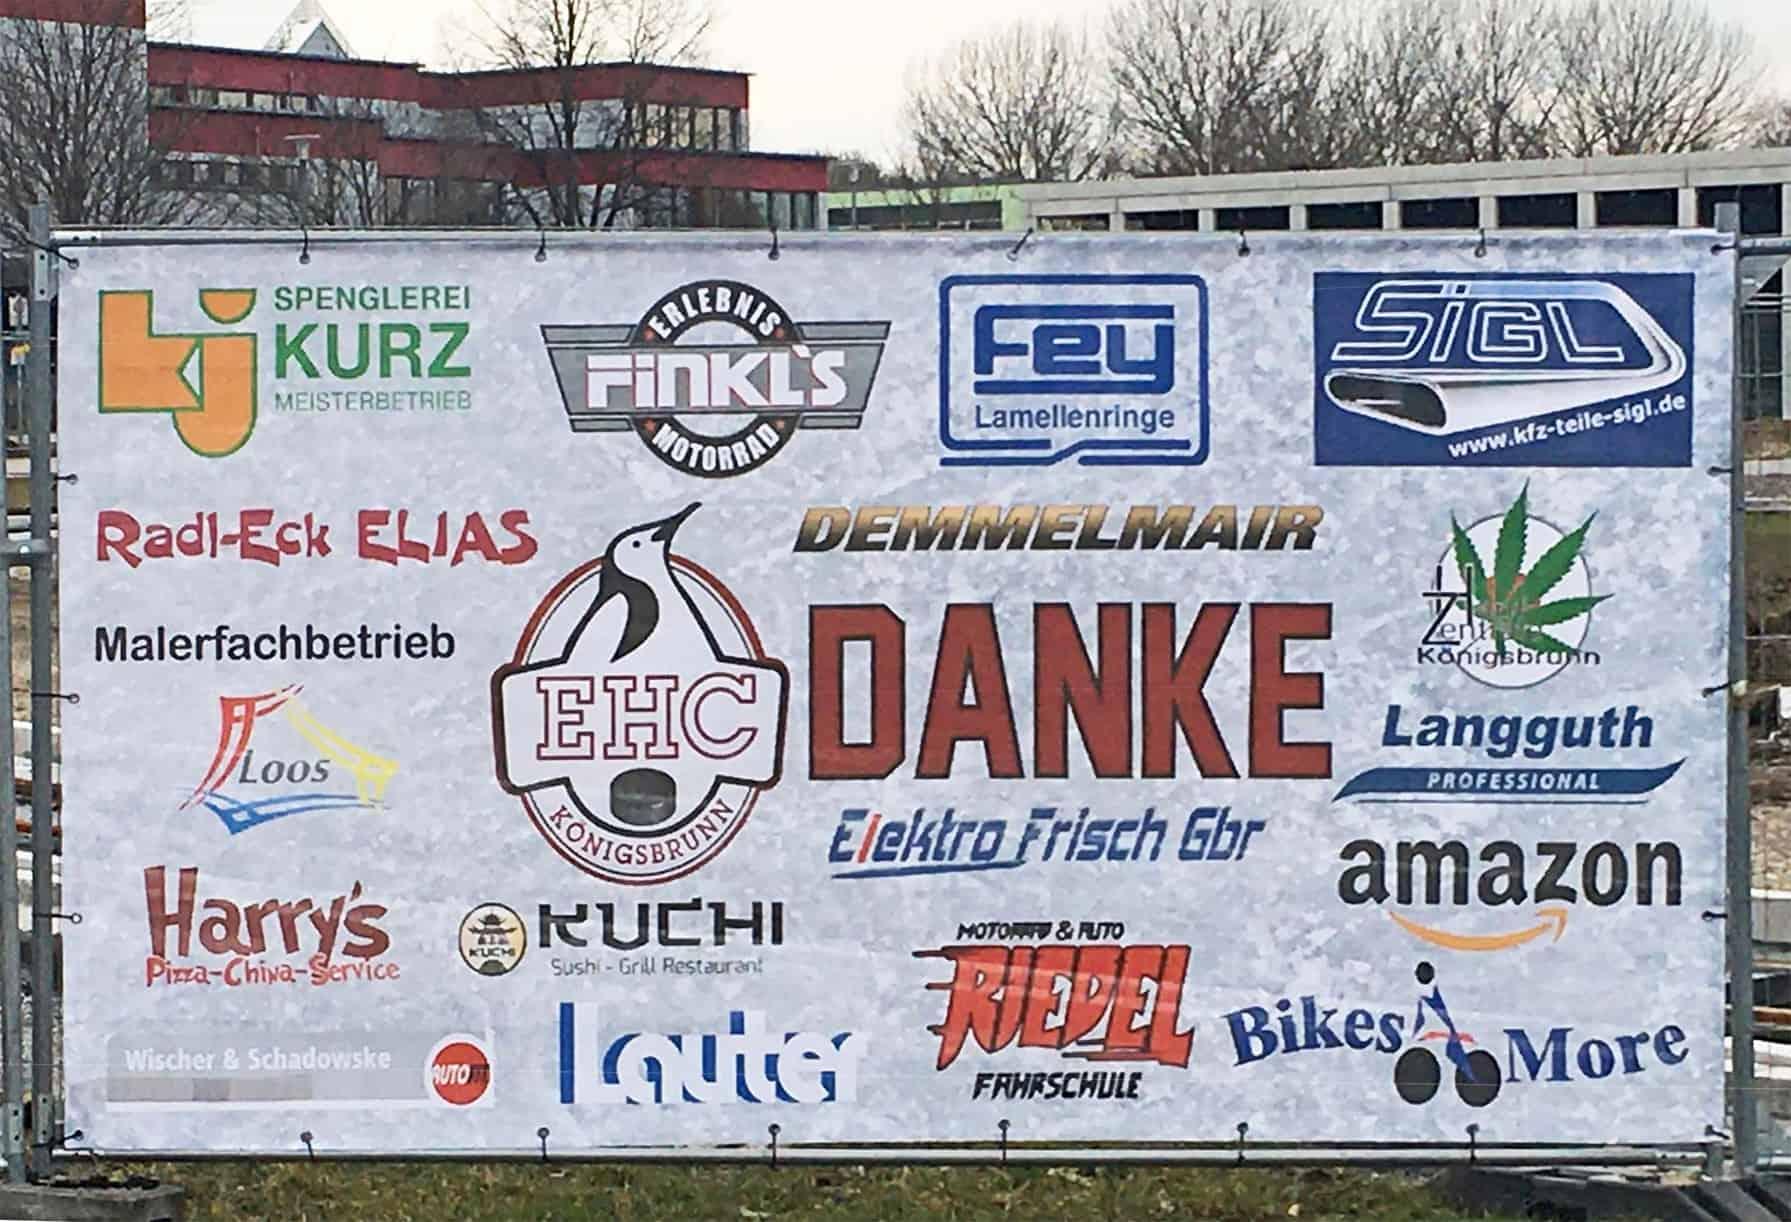 Langguth sponsert EHC Königsbrunn e.V.